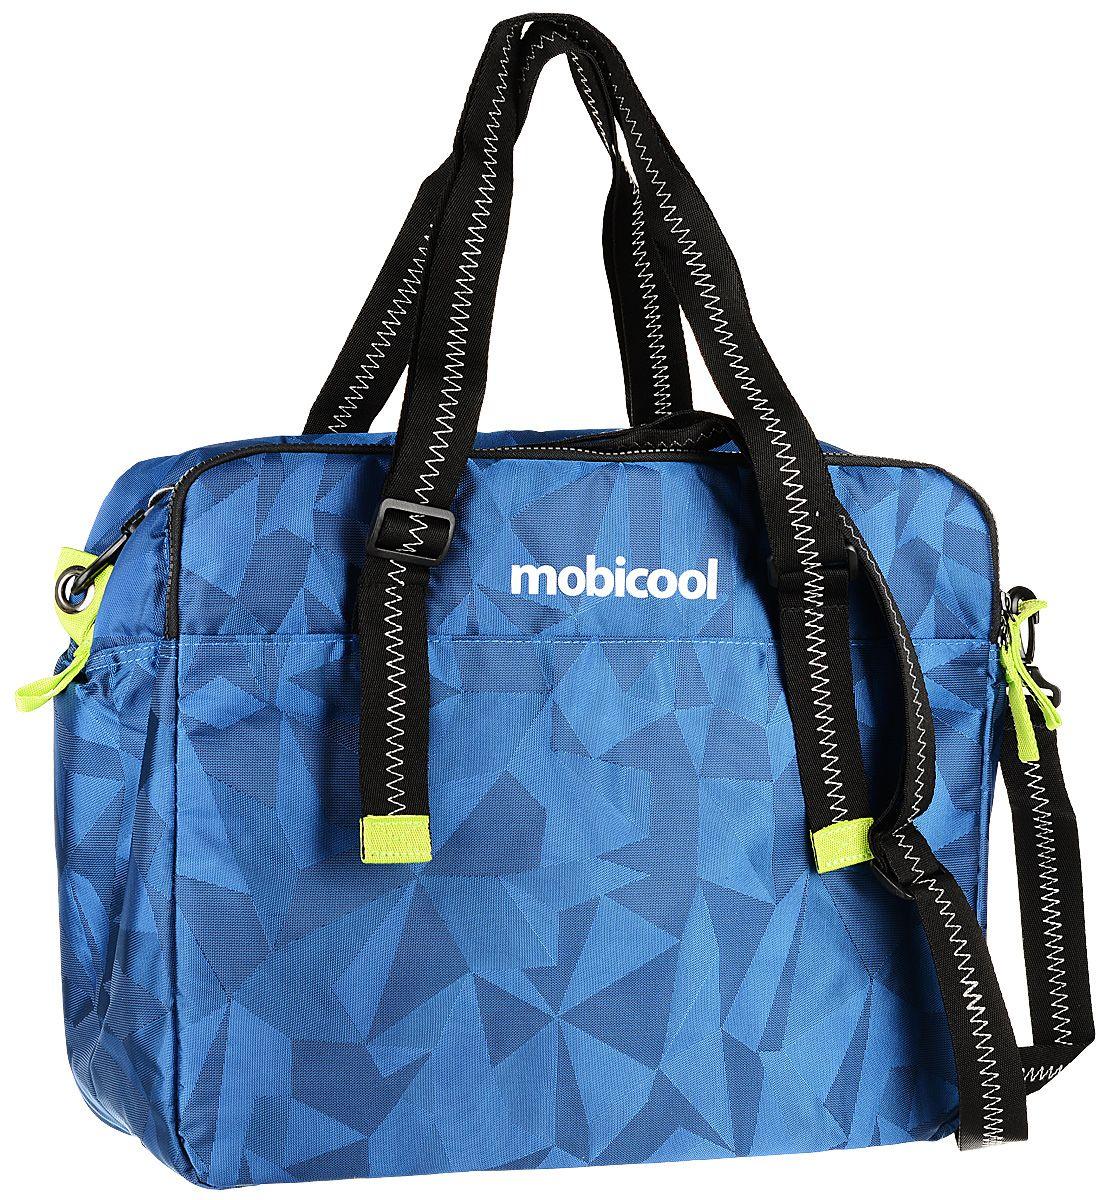 Автохолодильник MOBICOOL Sail 25, синий термосумка mobicool sail 25